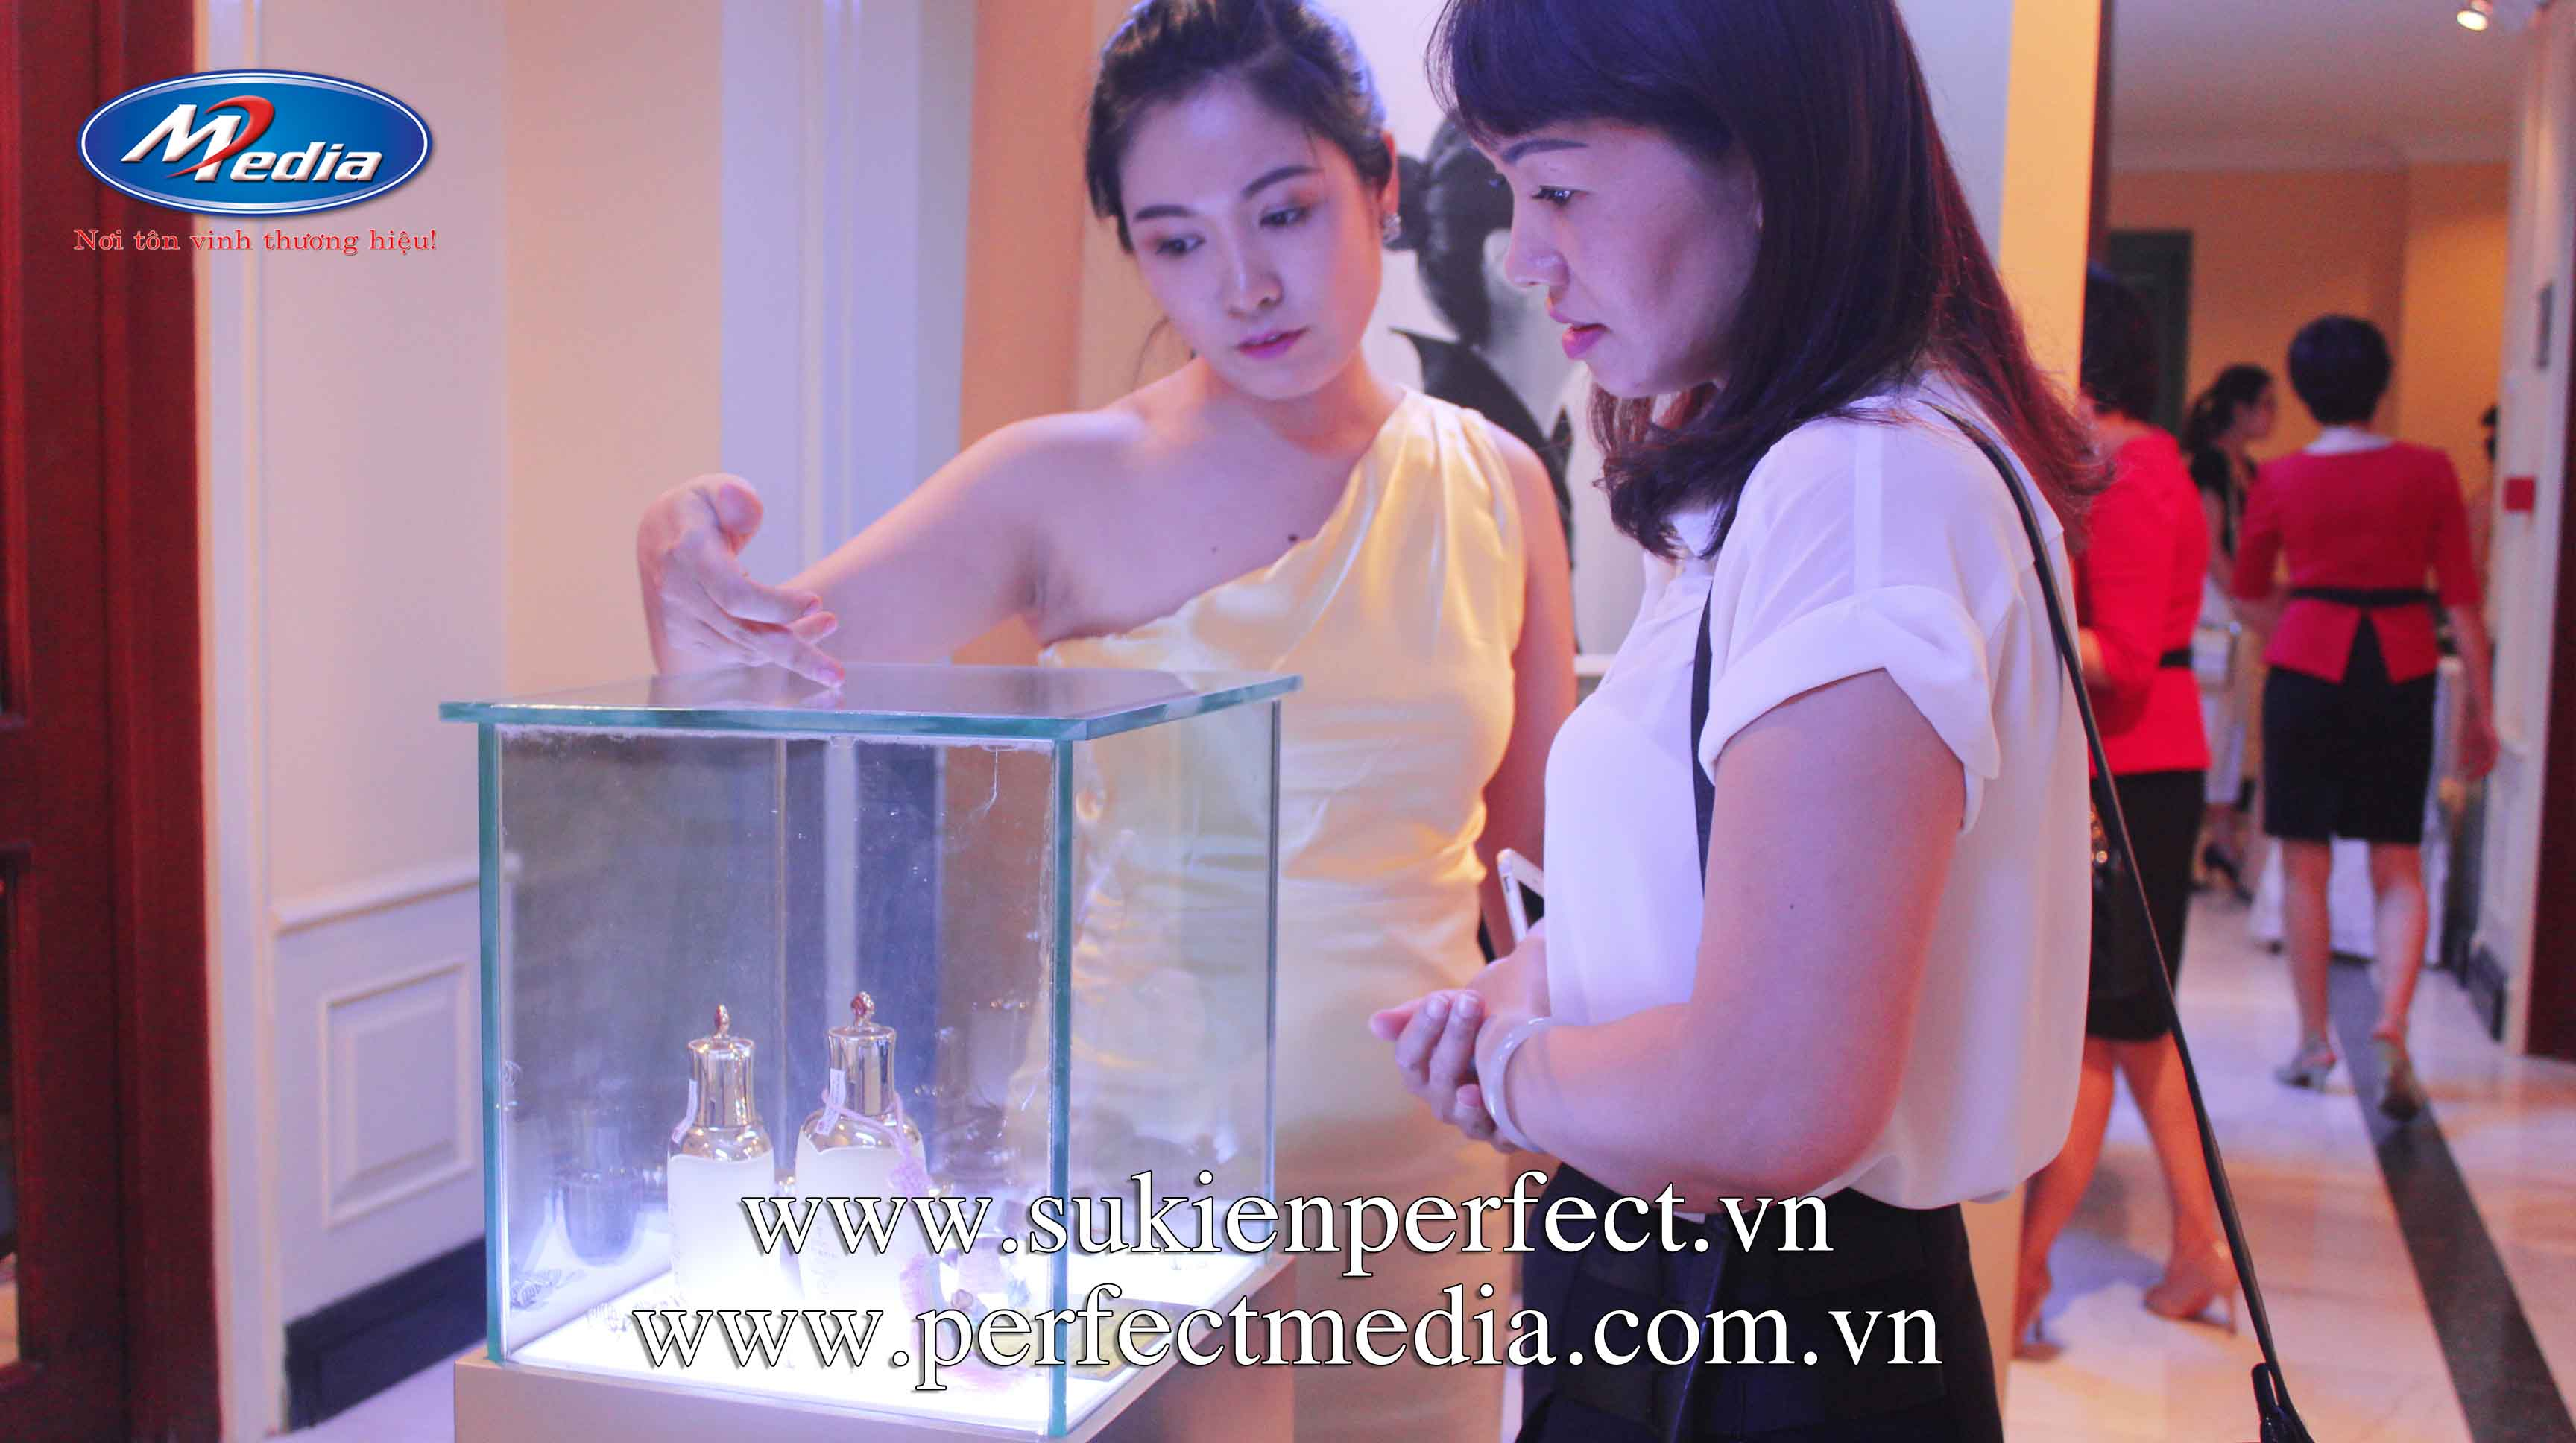 dịch vụ tổ chức lễ ra mắt, giới thiệu sản phẩm, dịch vụ mới chuyên nghiệp hàng đầu tại Hà Nội